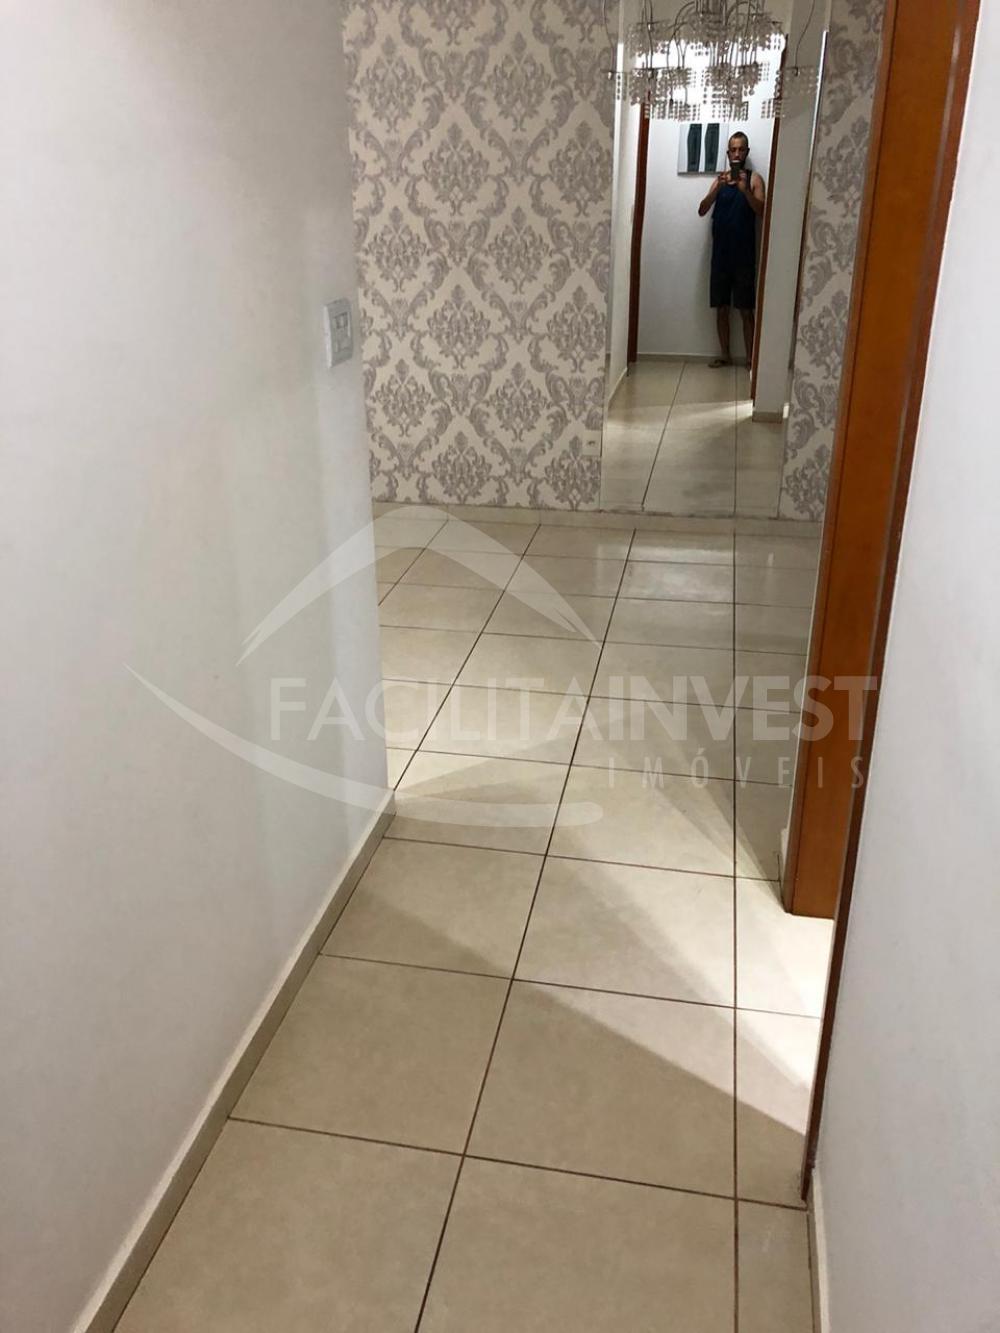 Comprar Apartamentos / Apart. Padrão em Ribeirão Preto apenas R$ 350.000,00 - Foto 5